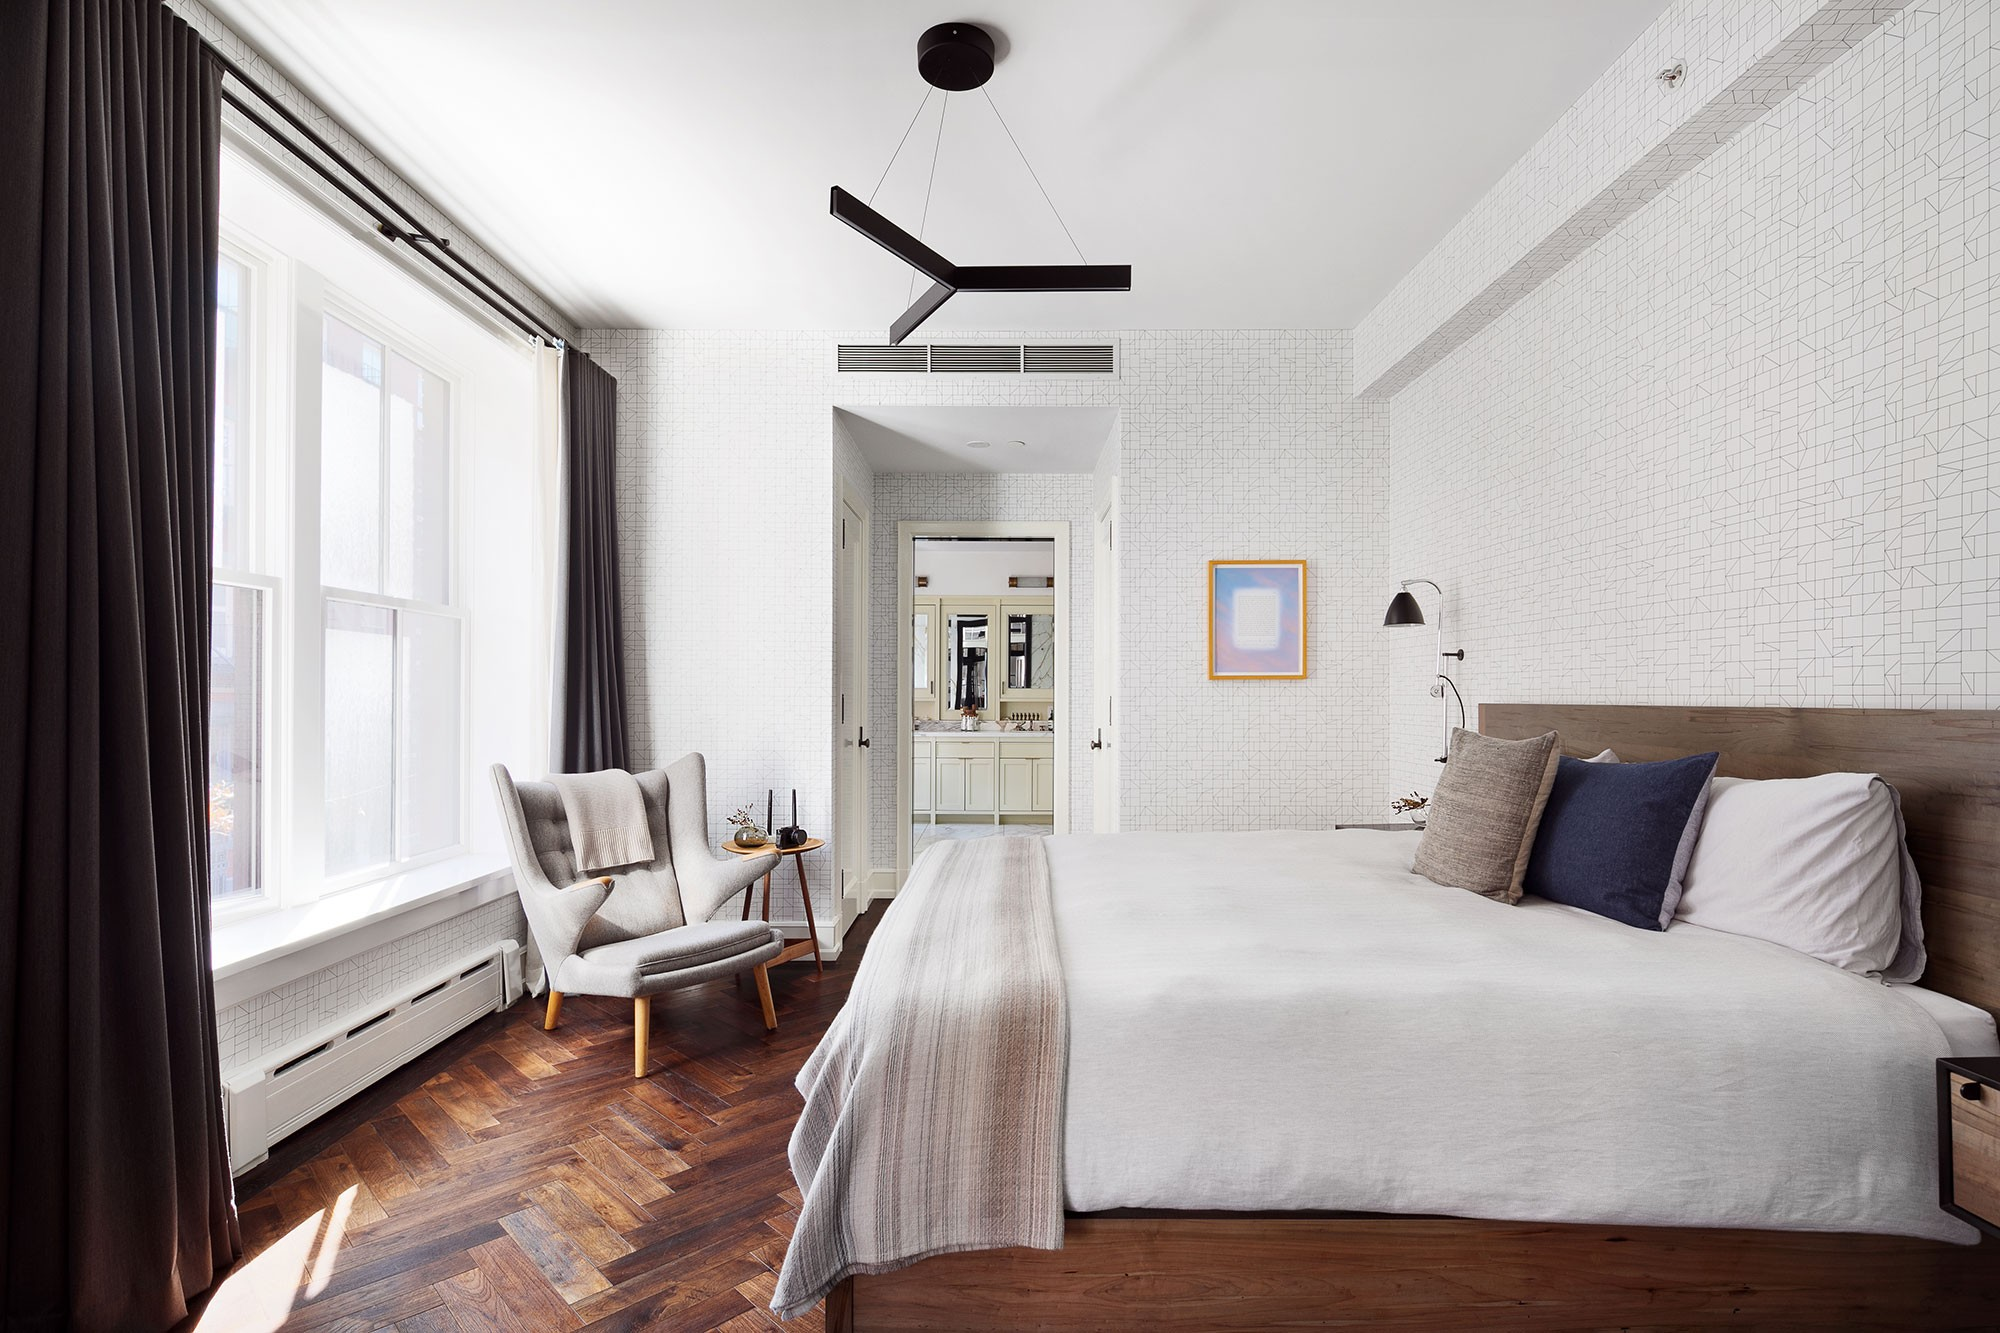 Apartamento de Karlie Kloss e Joshua Kushner em Nova Iorque (Foto: Divulgação)